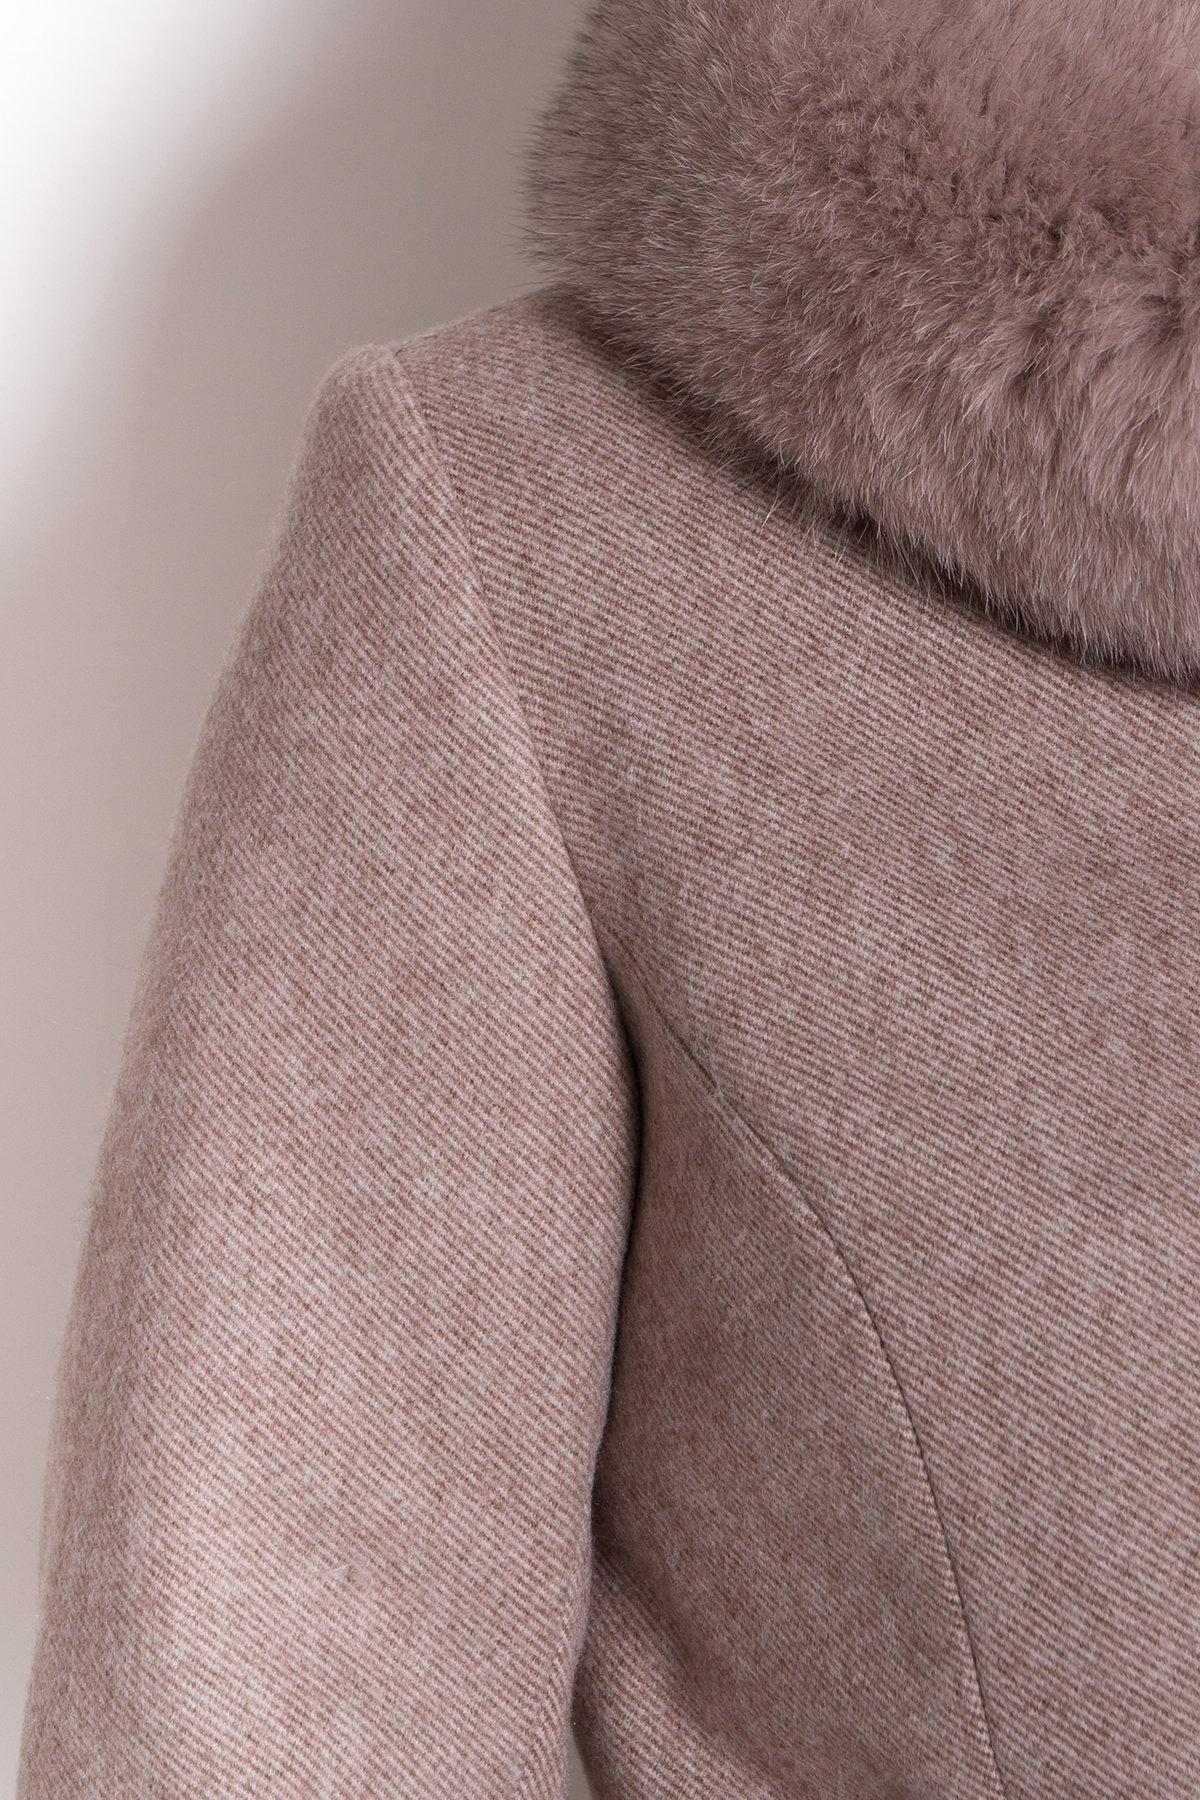 Зимнее пальто диагональ бежевое Сплит 8409 АРТ. 44638 Цвет: Бежевый меланж - фото 6, интернет магазин tm-modus.ru